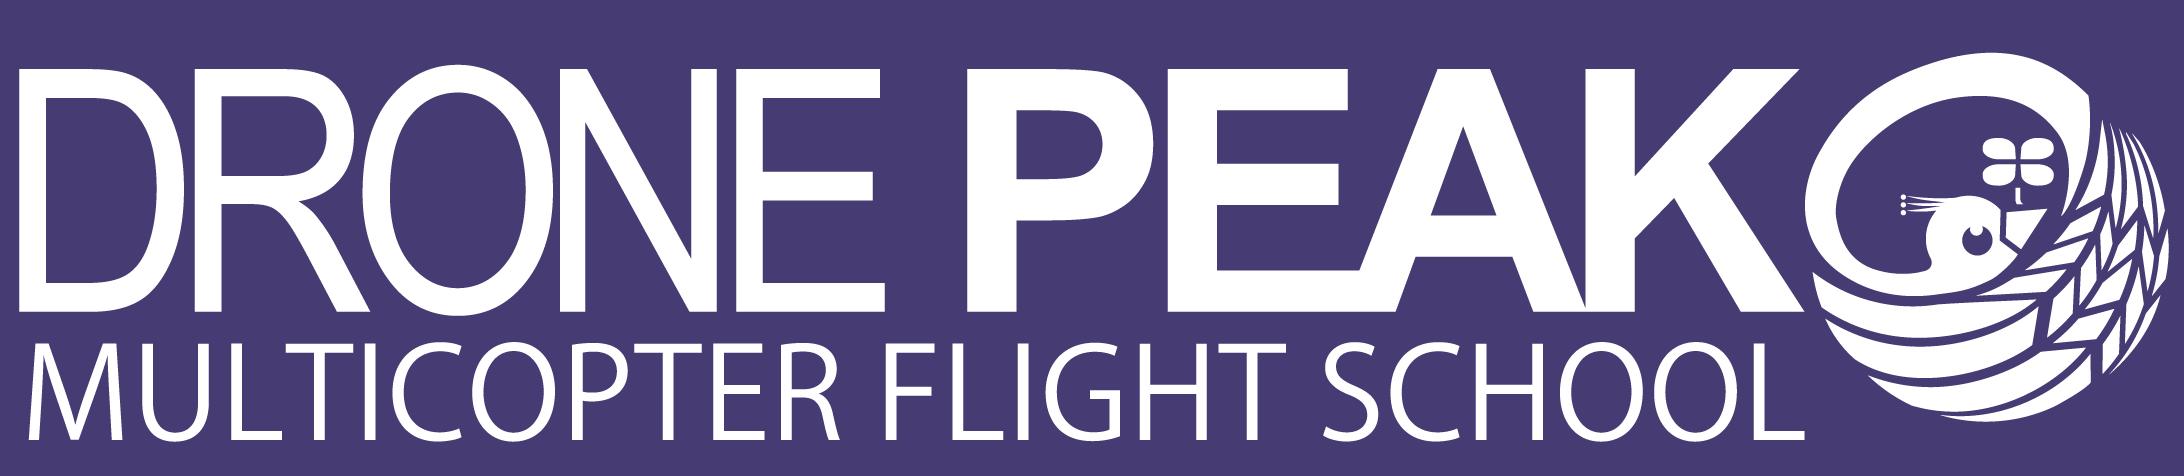 DRONE PEAK(ドローンピーク)マルチコプターフライトスクール